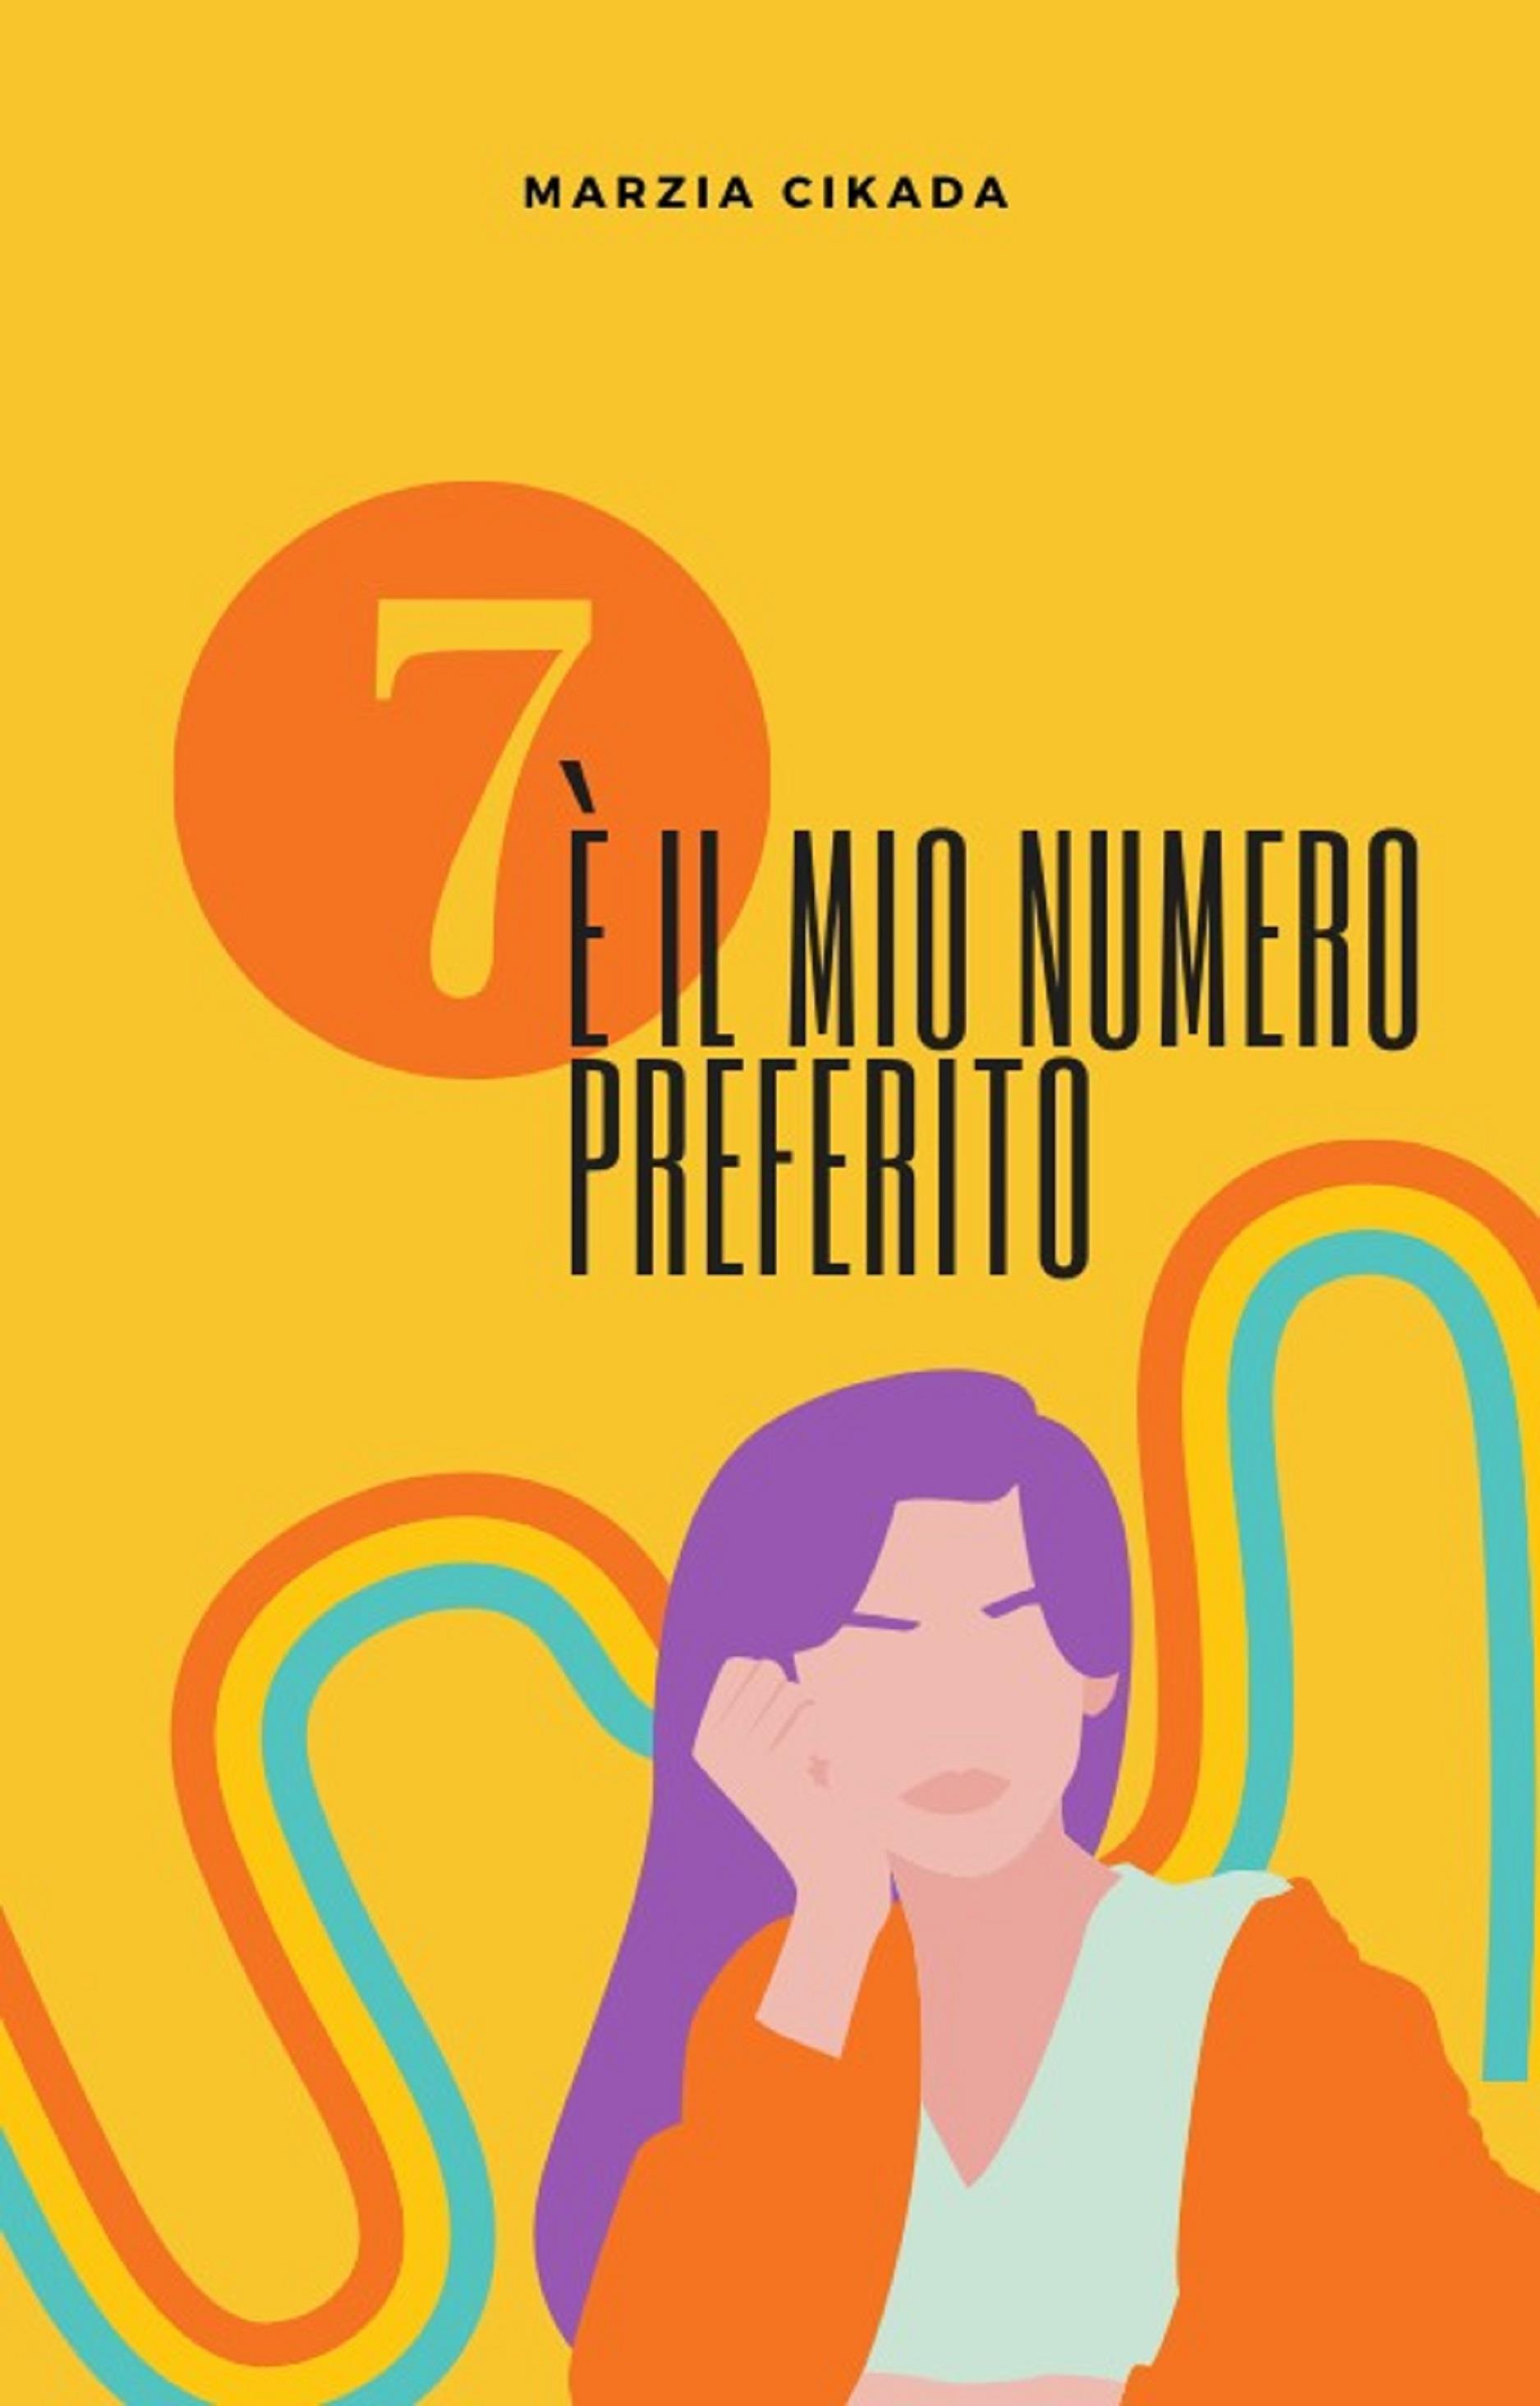 7 è il mio numero preferito